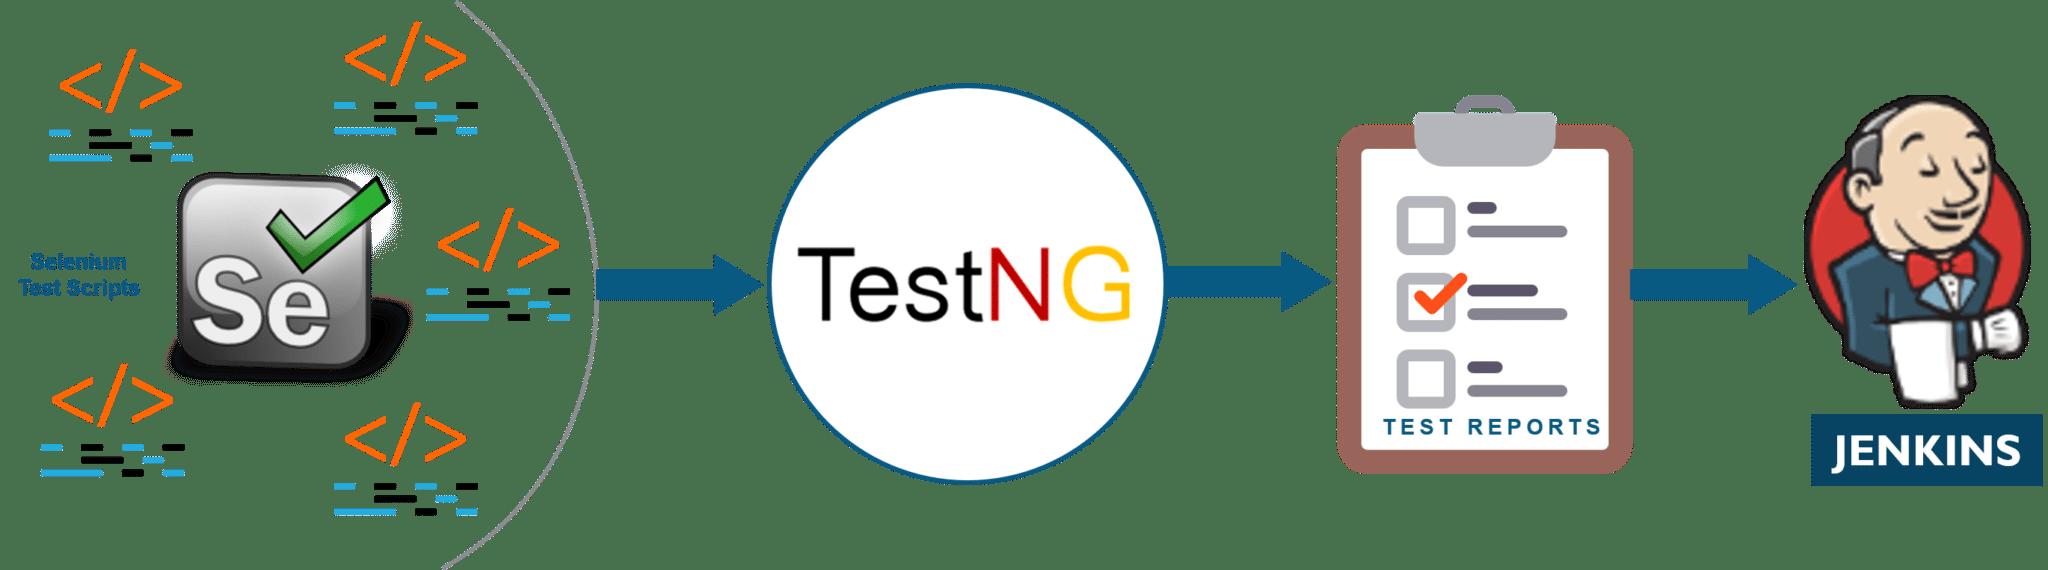 selenium testing jenkins